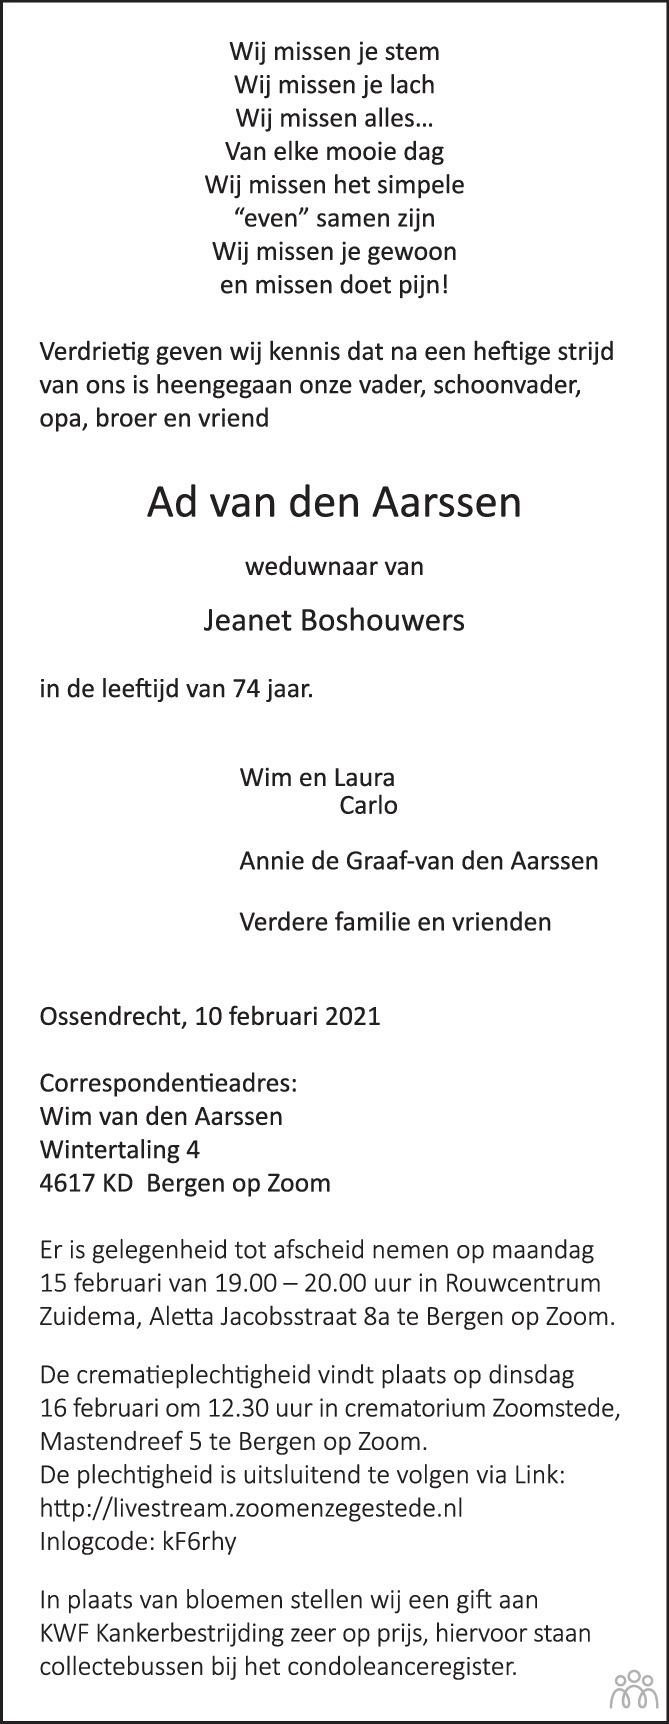 Overlijdensbericht van Ad van den Aarssen in BN DeStem